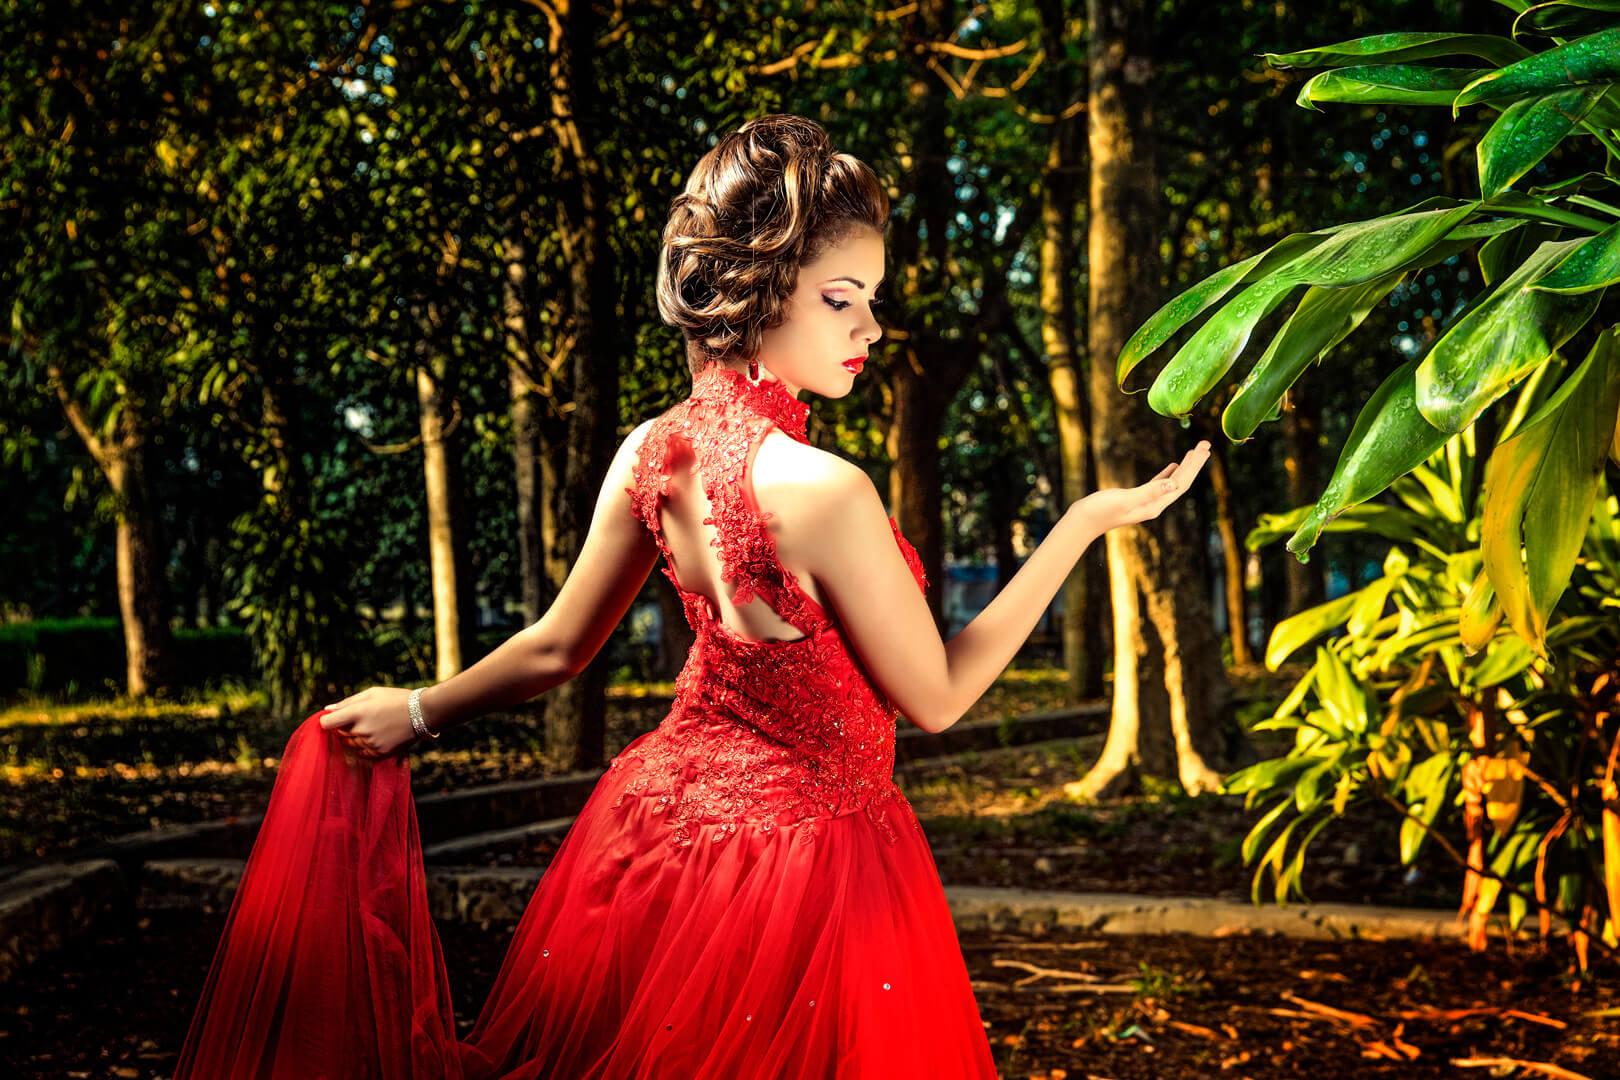 quinceañera de espaldas en vestido de color rojo mirando como cae una gota de agua en su mano